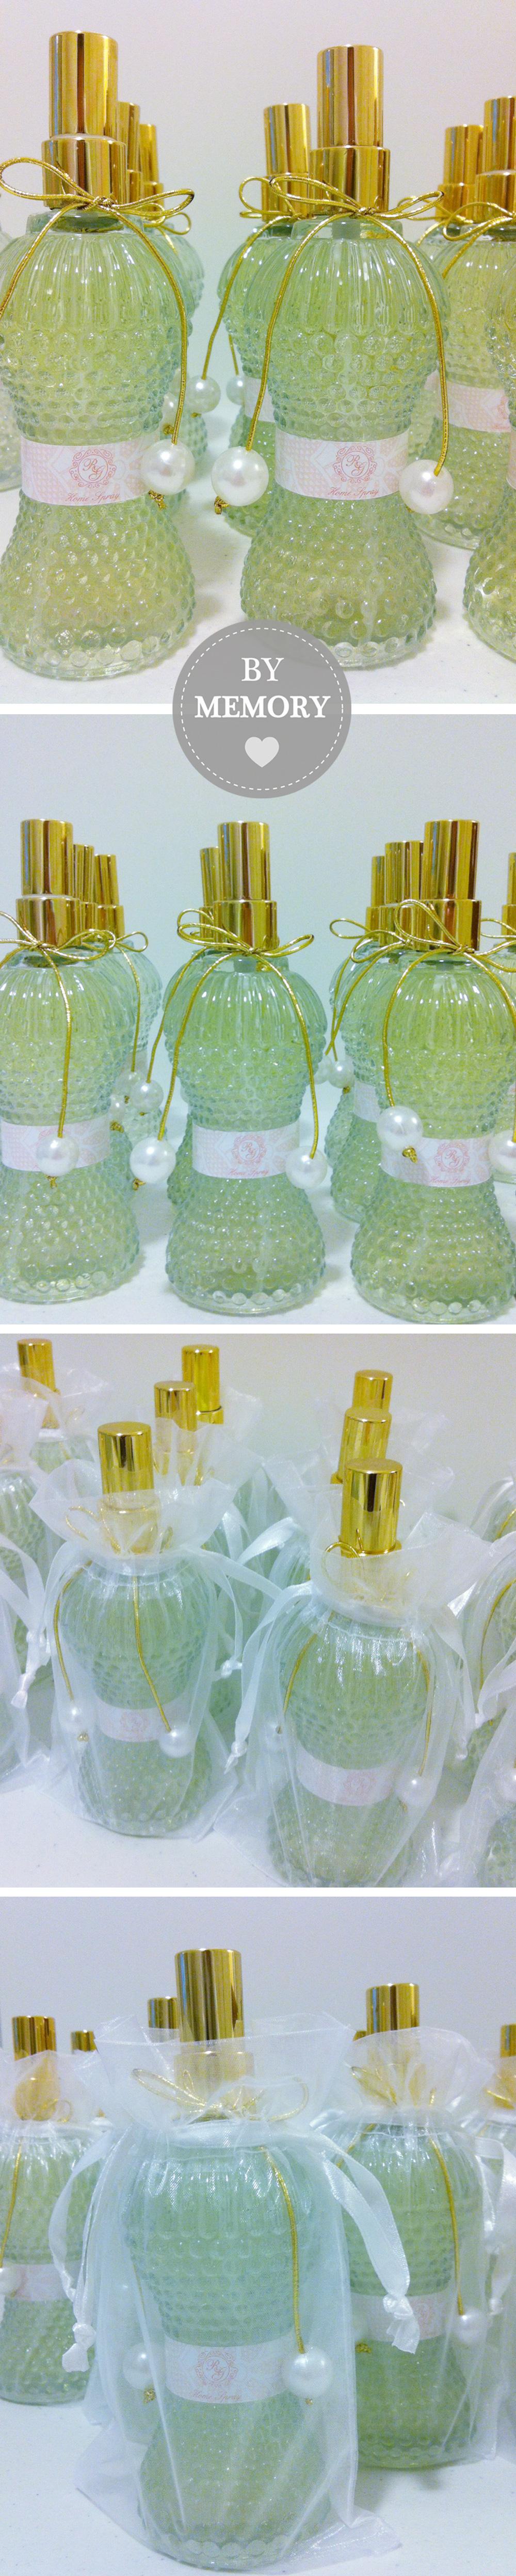 Presente para madrinhas: Home Sprays Personalizados